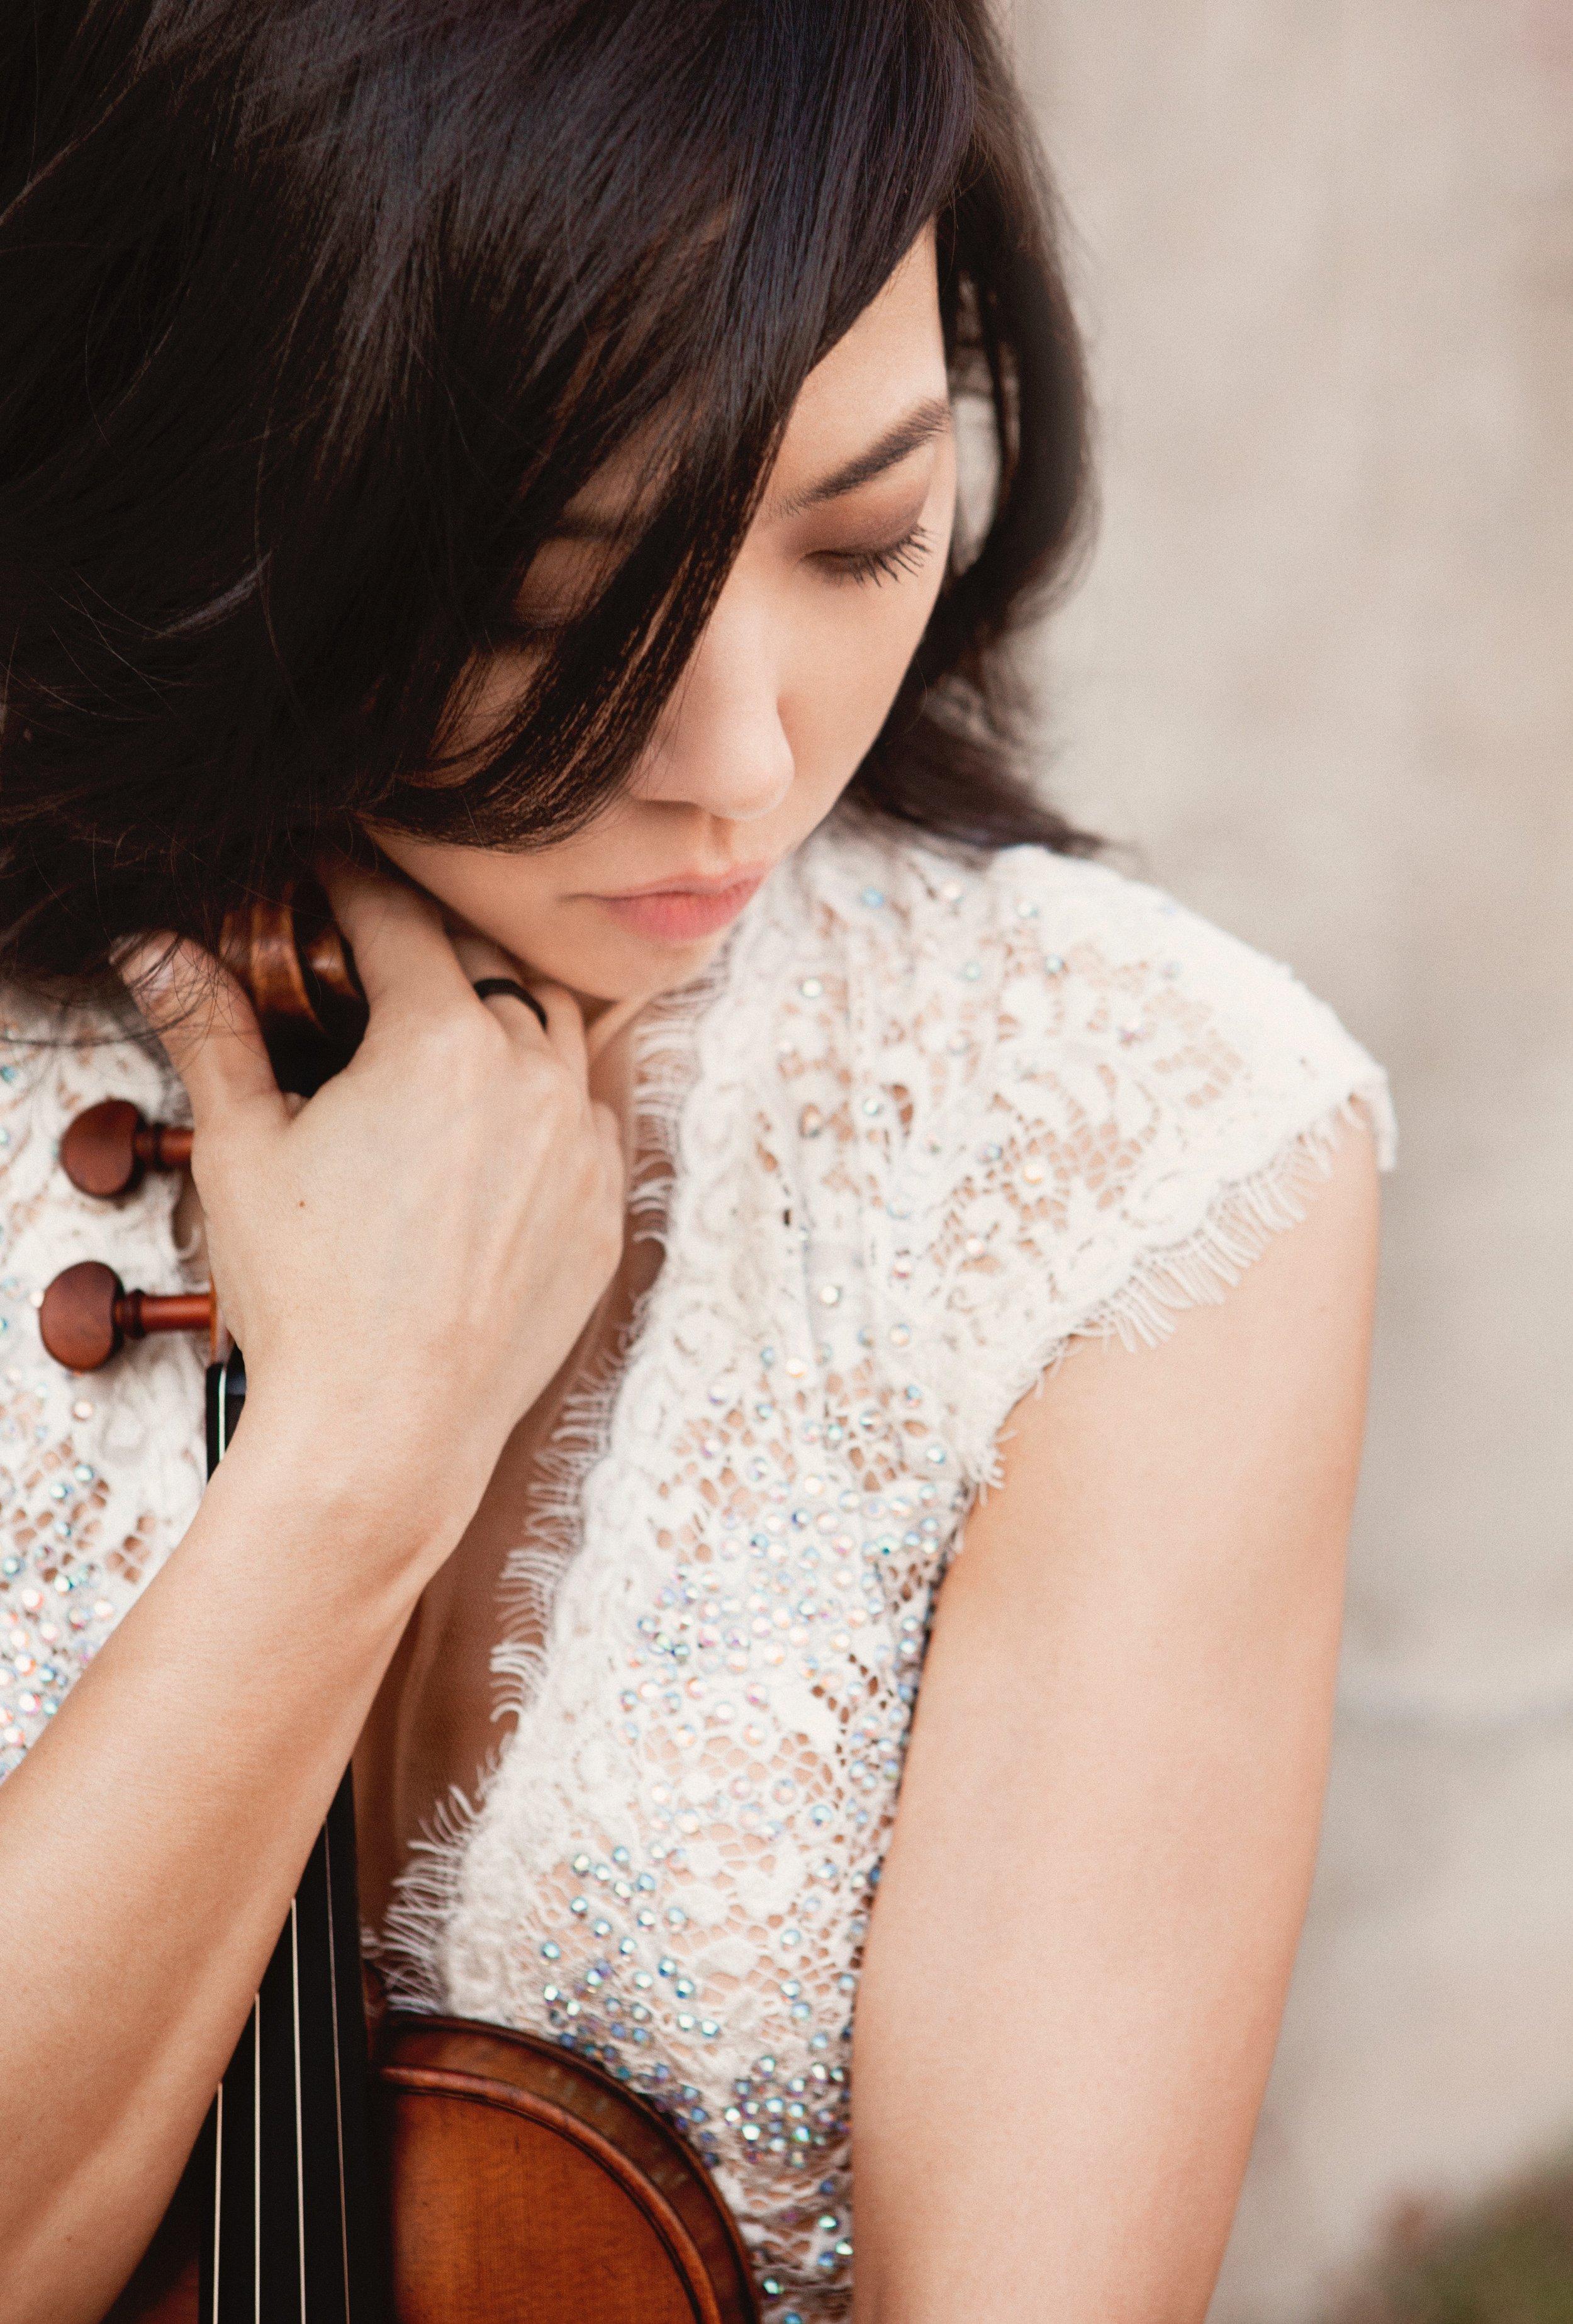 Sang Mee Lee, Violin